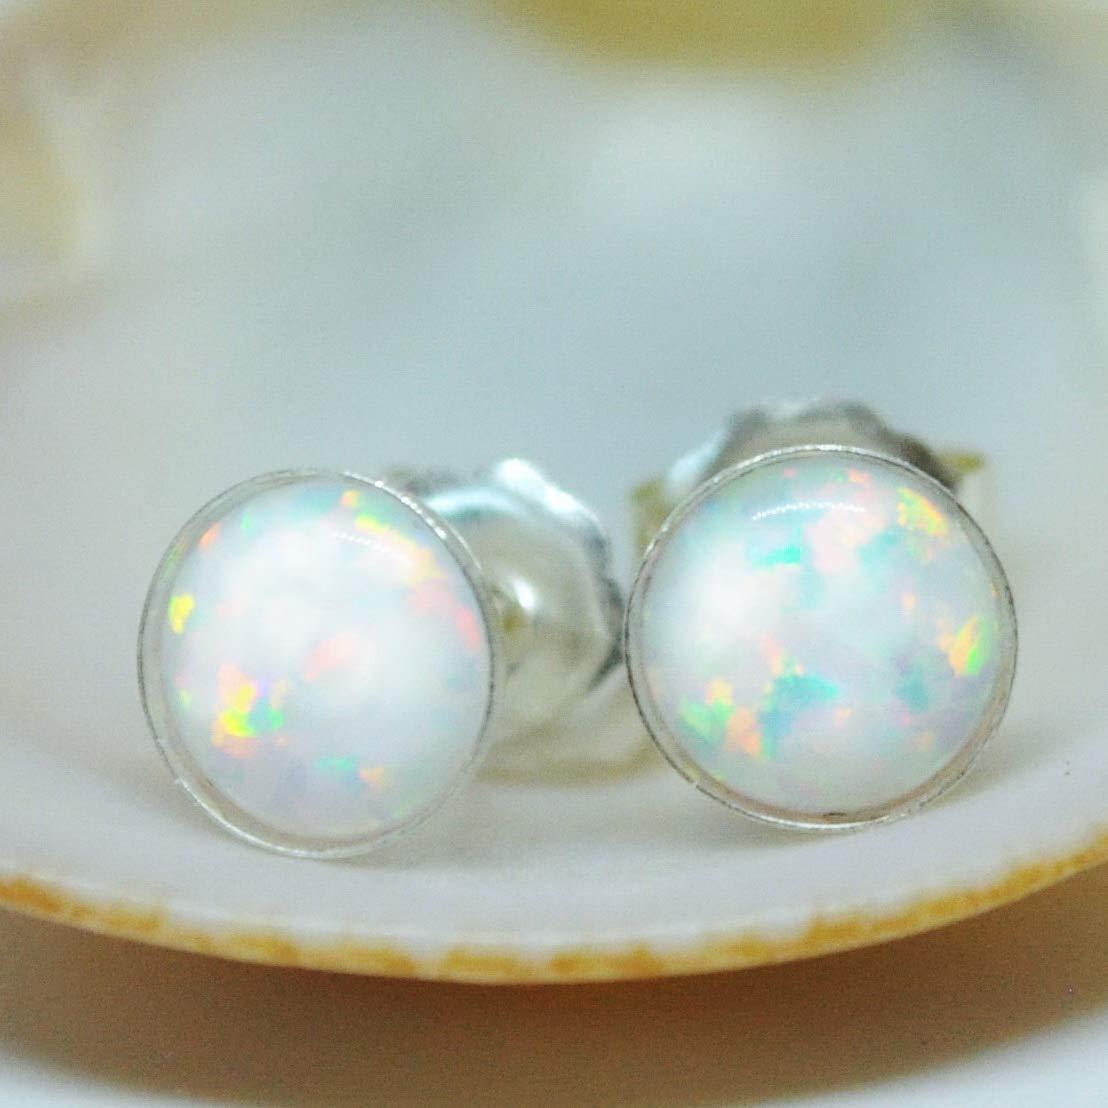 white opal stud earrings Classic opal stud earrings Small opal earrings